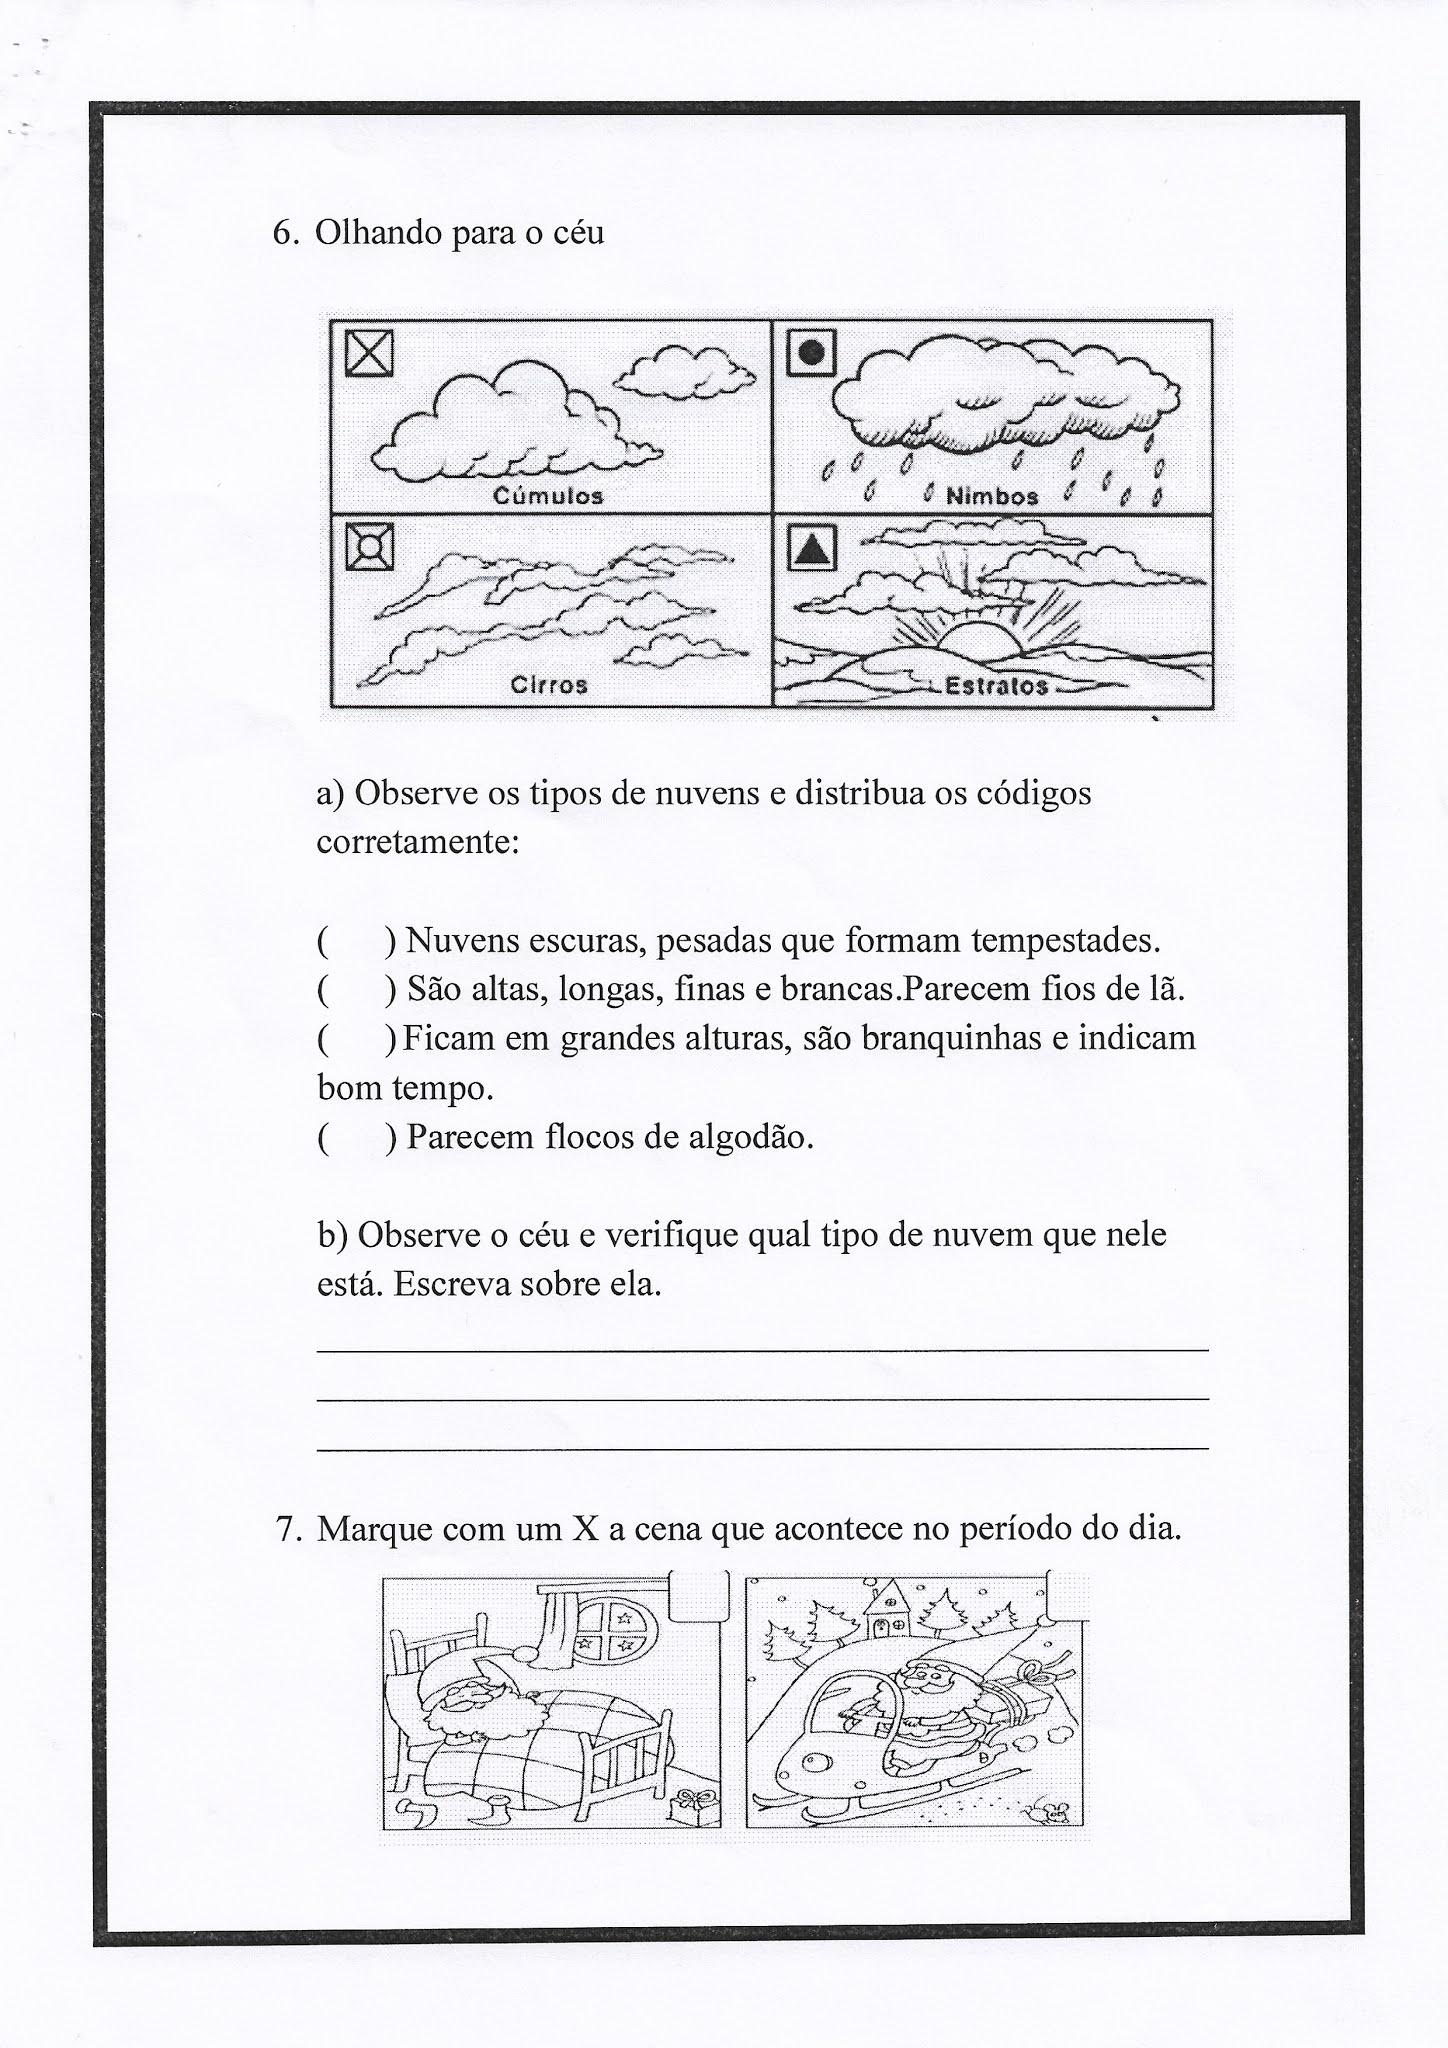 Atividade de Ciências: Sol, céu e nuvens - Ensino Fundamental